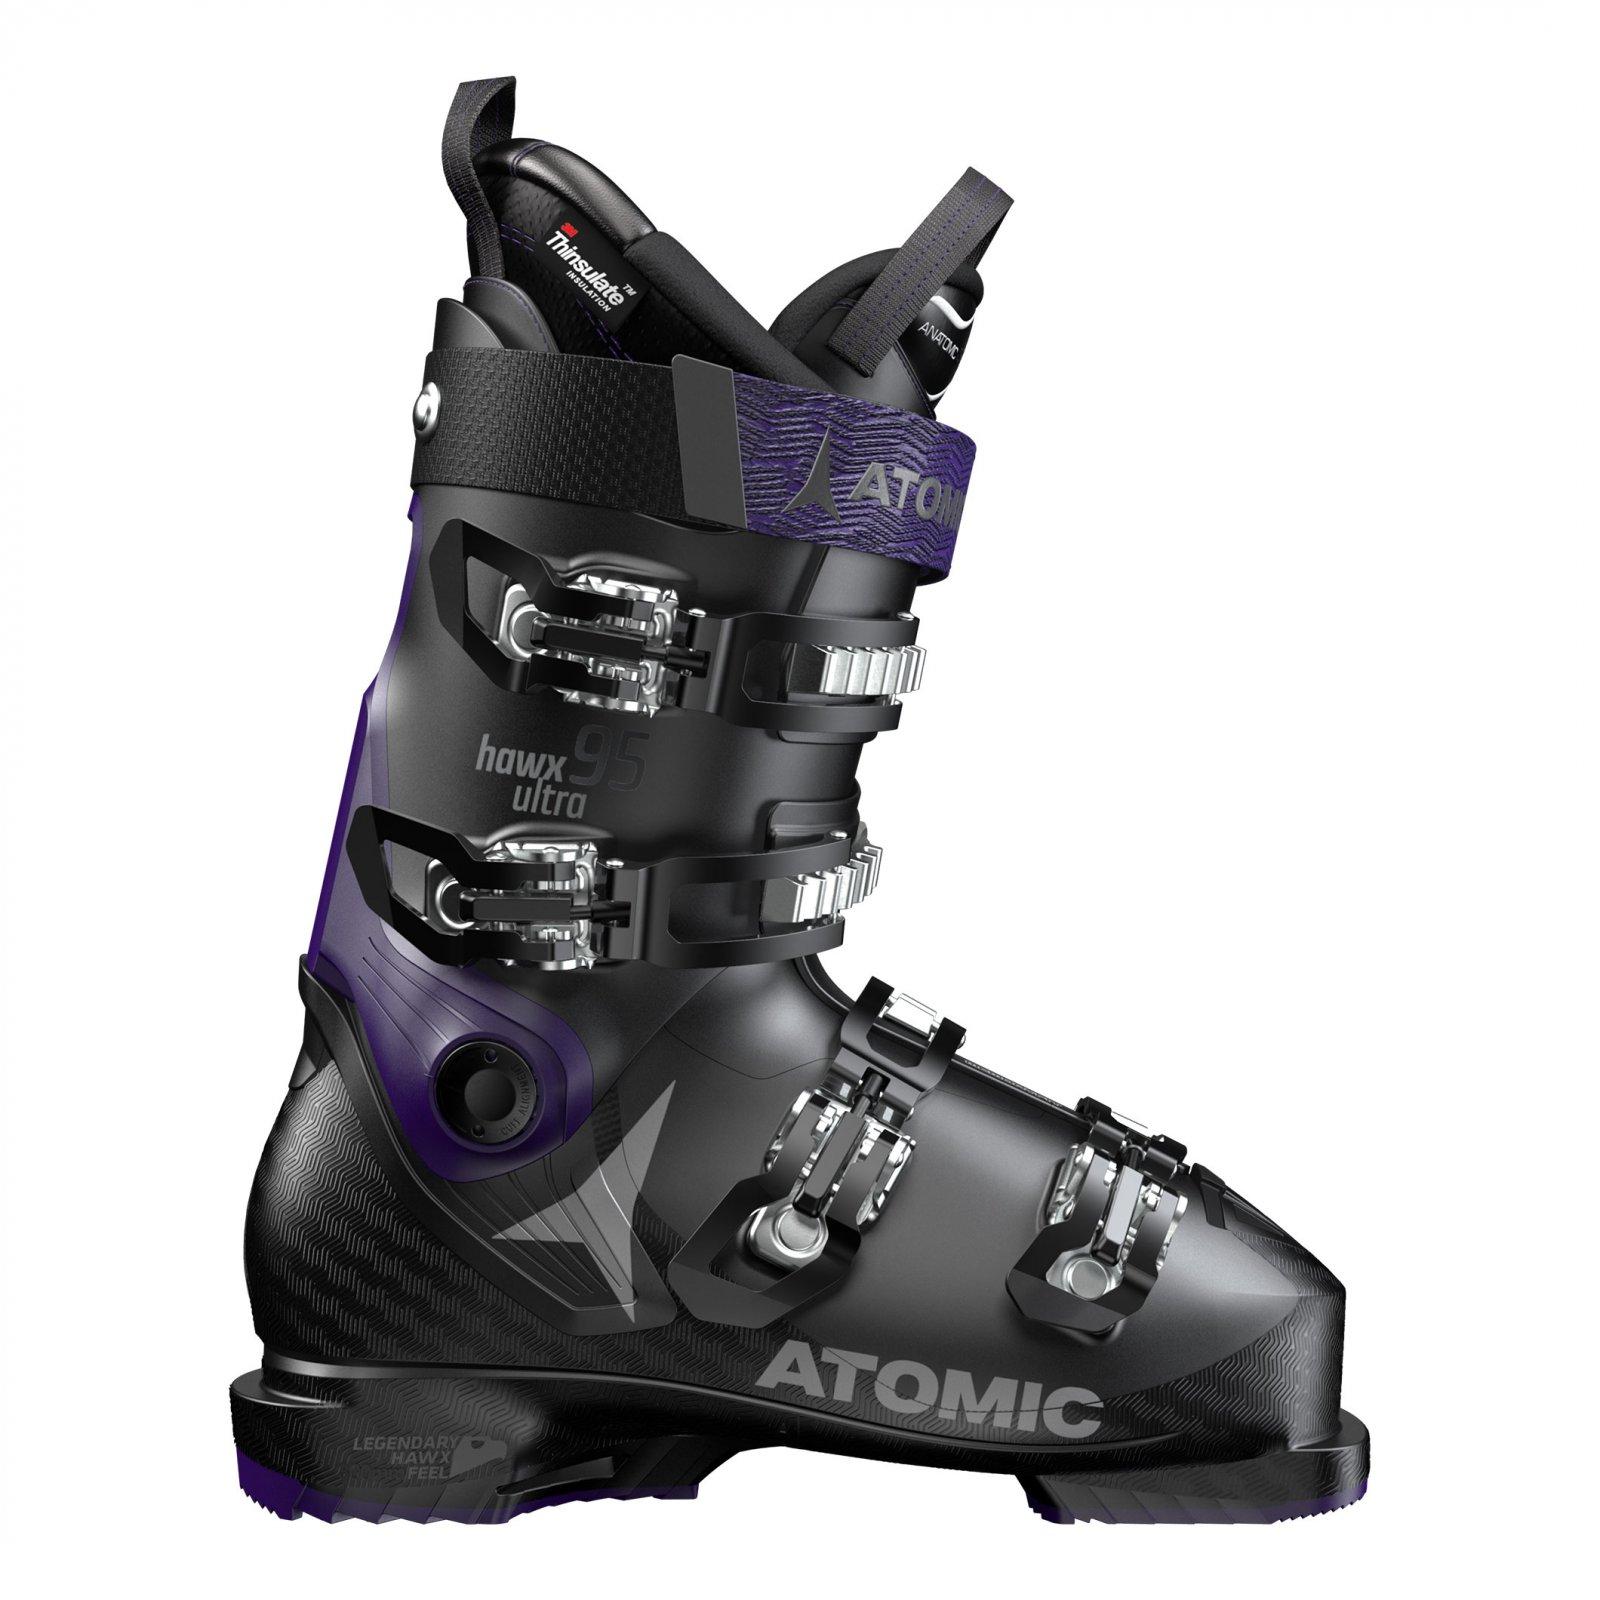 Atomic Hawx Ultra 95 Women's Ski Boots